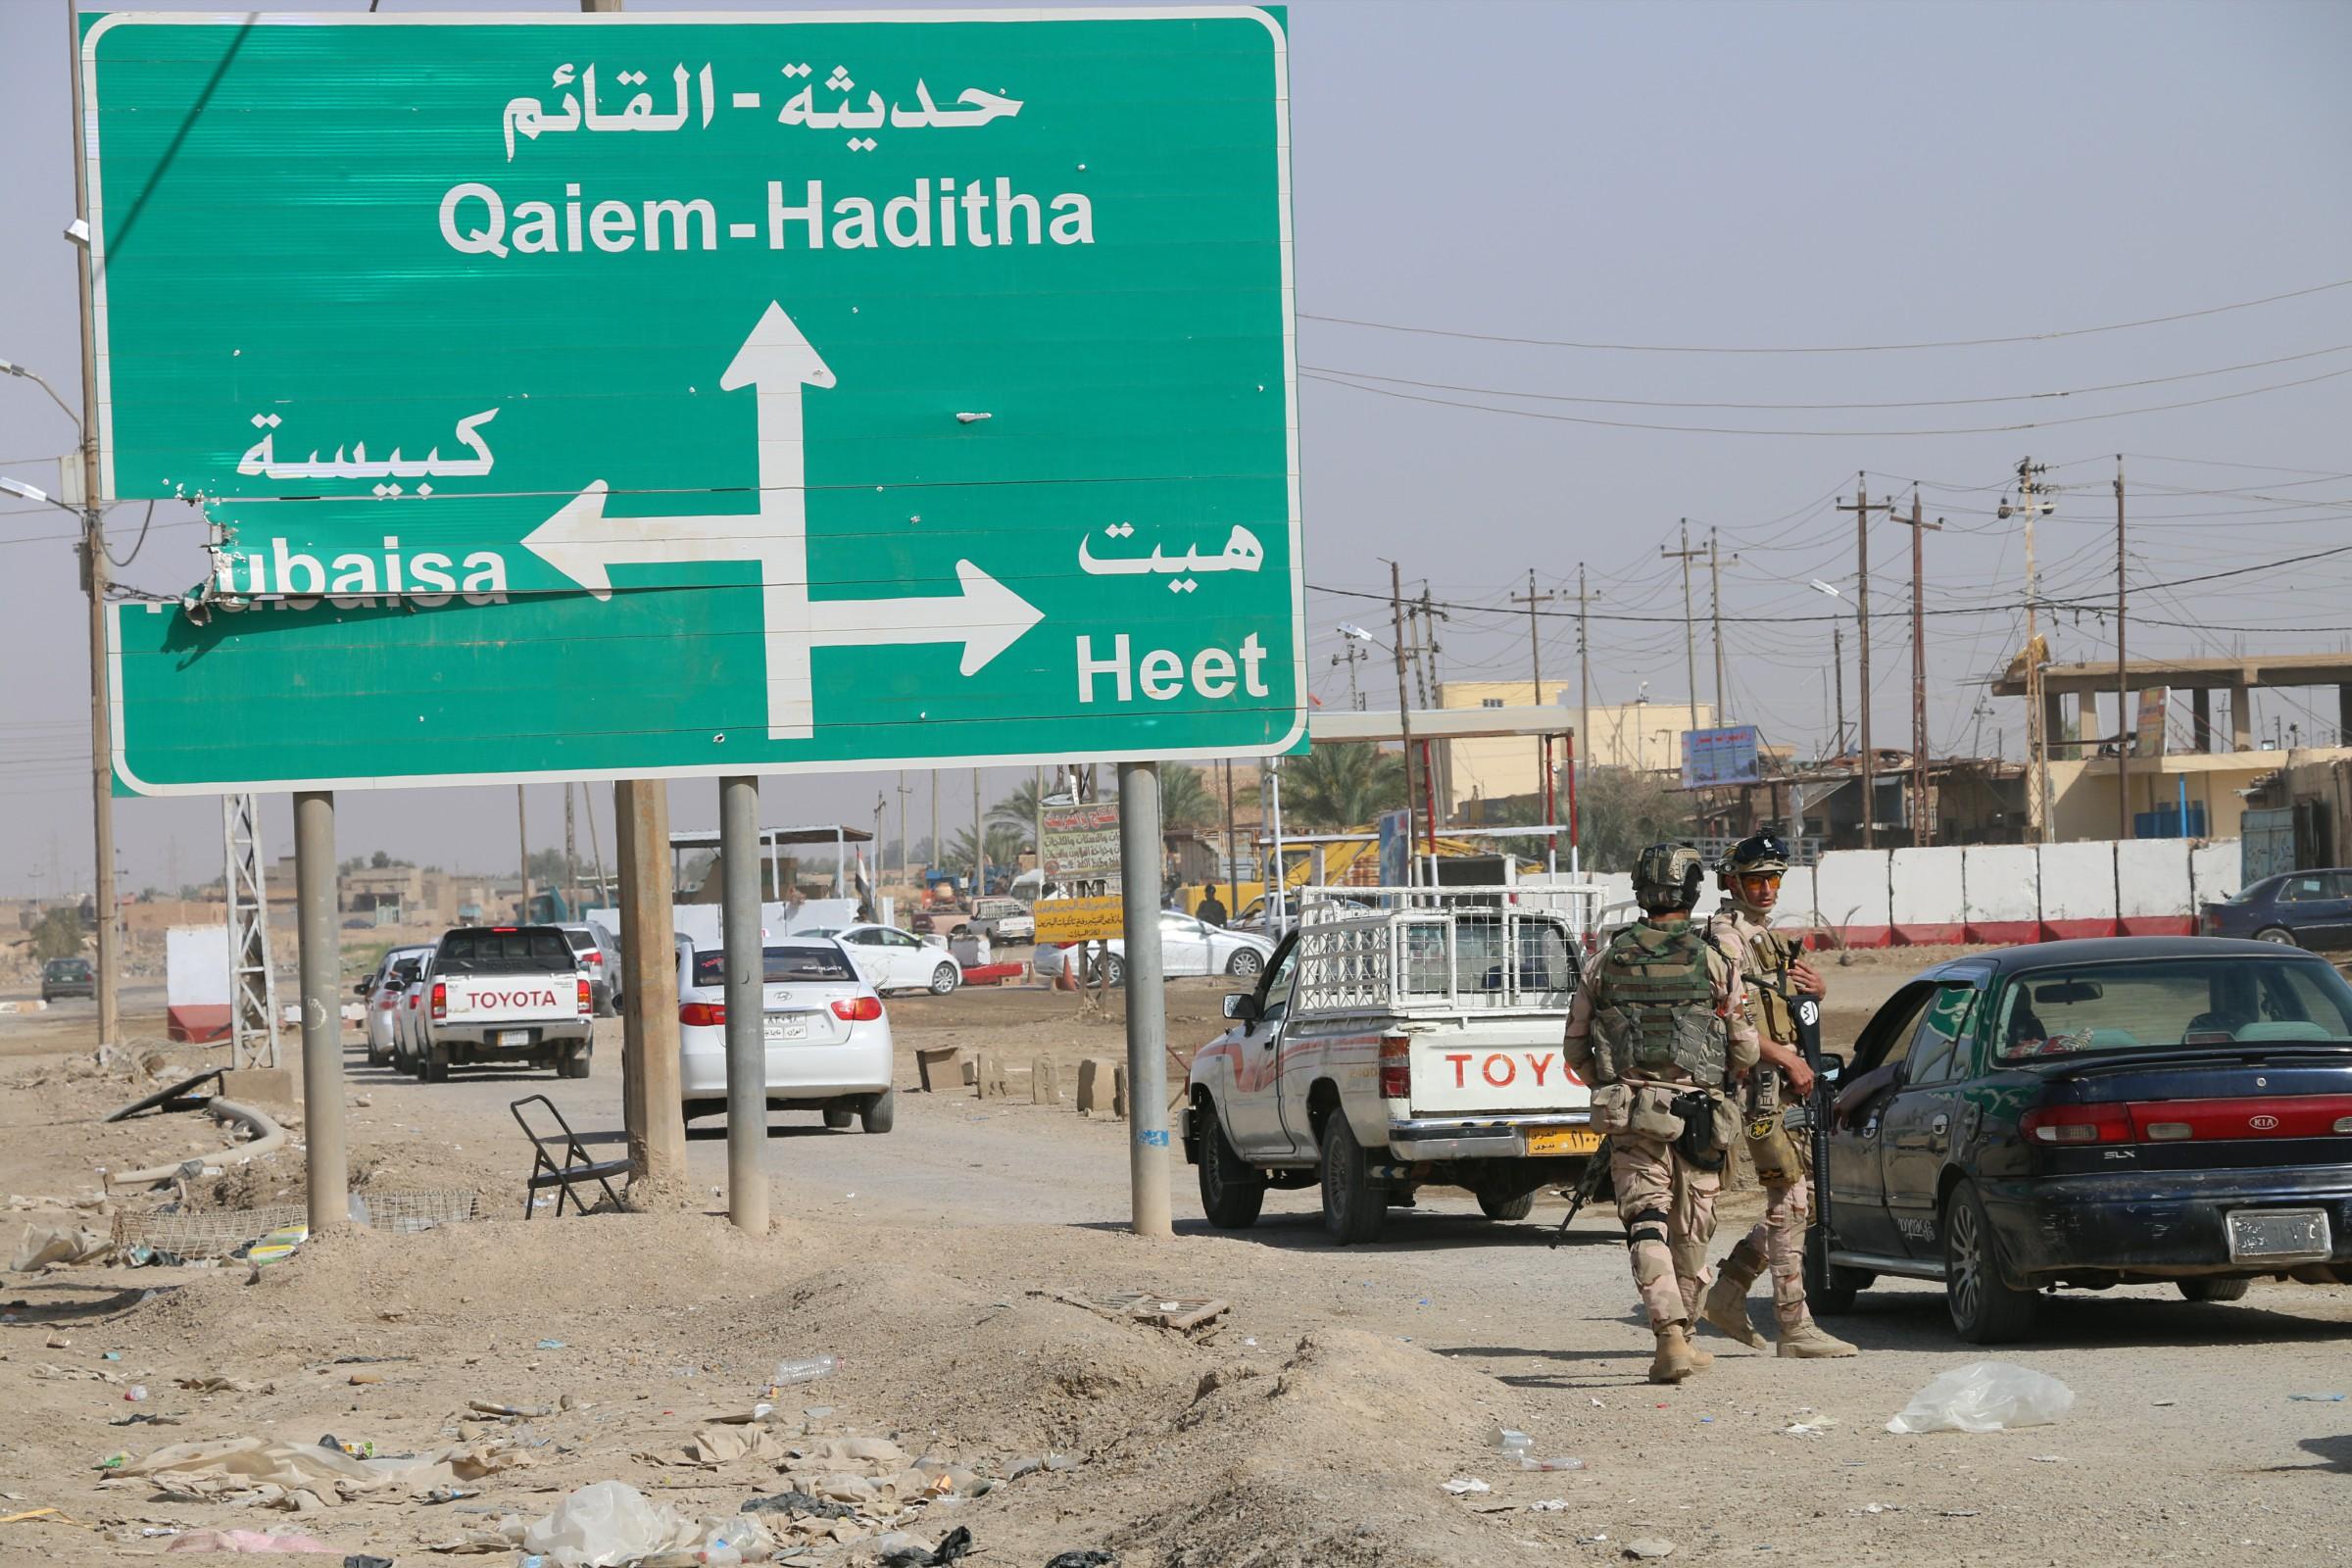 مسؤول محلي بالانبار: بإمكان داعش التسلل الى هيت بكل سهولة